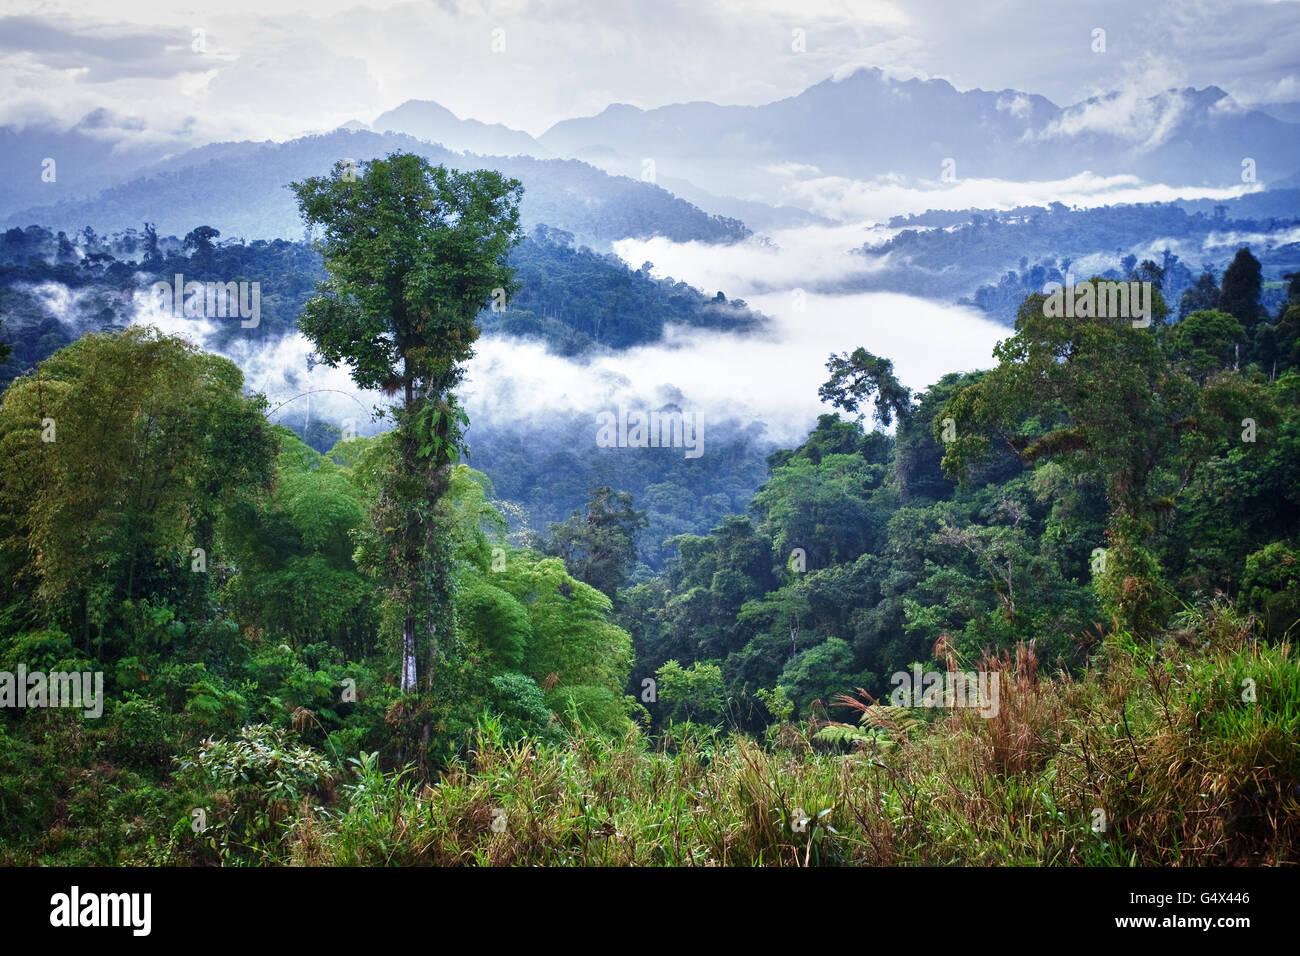 La selva del Amazonas. Ecuador Imagen De Stock